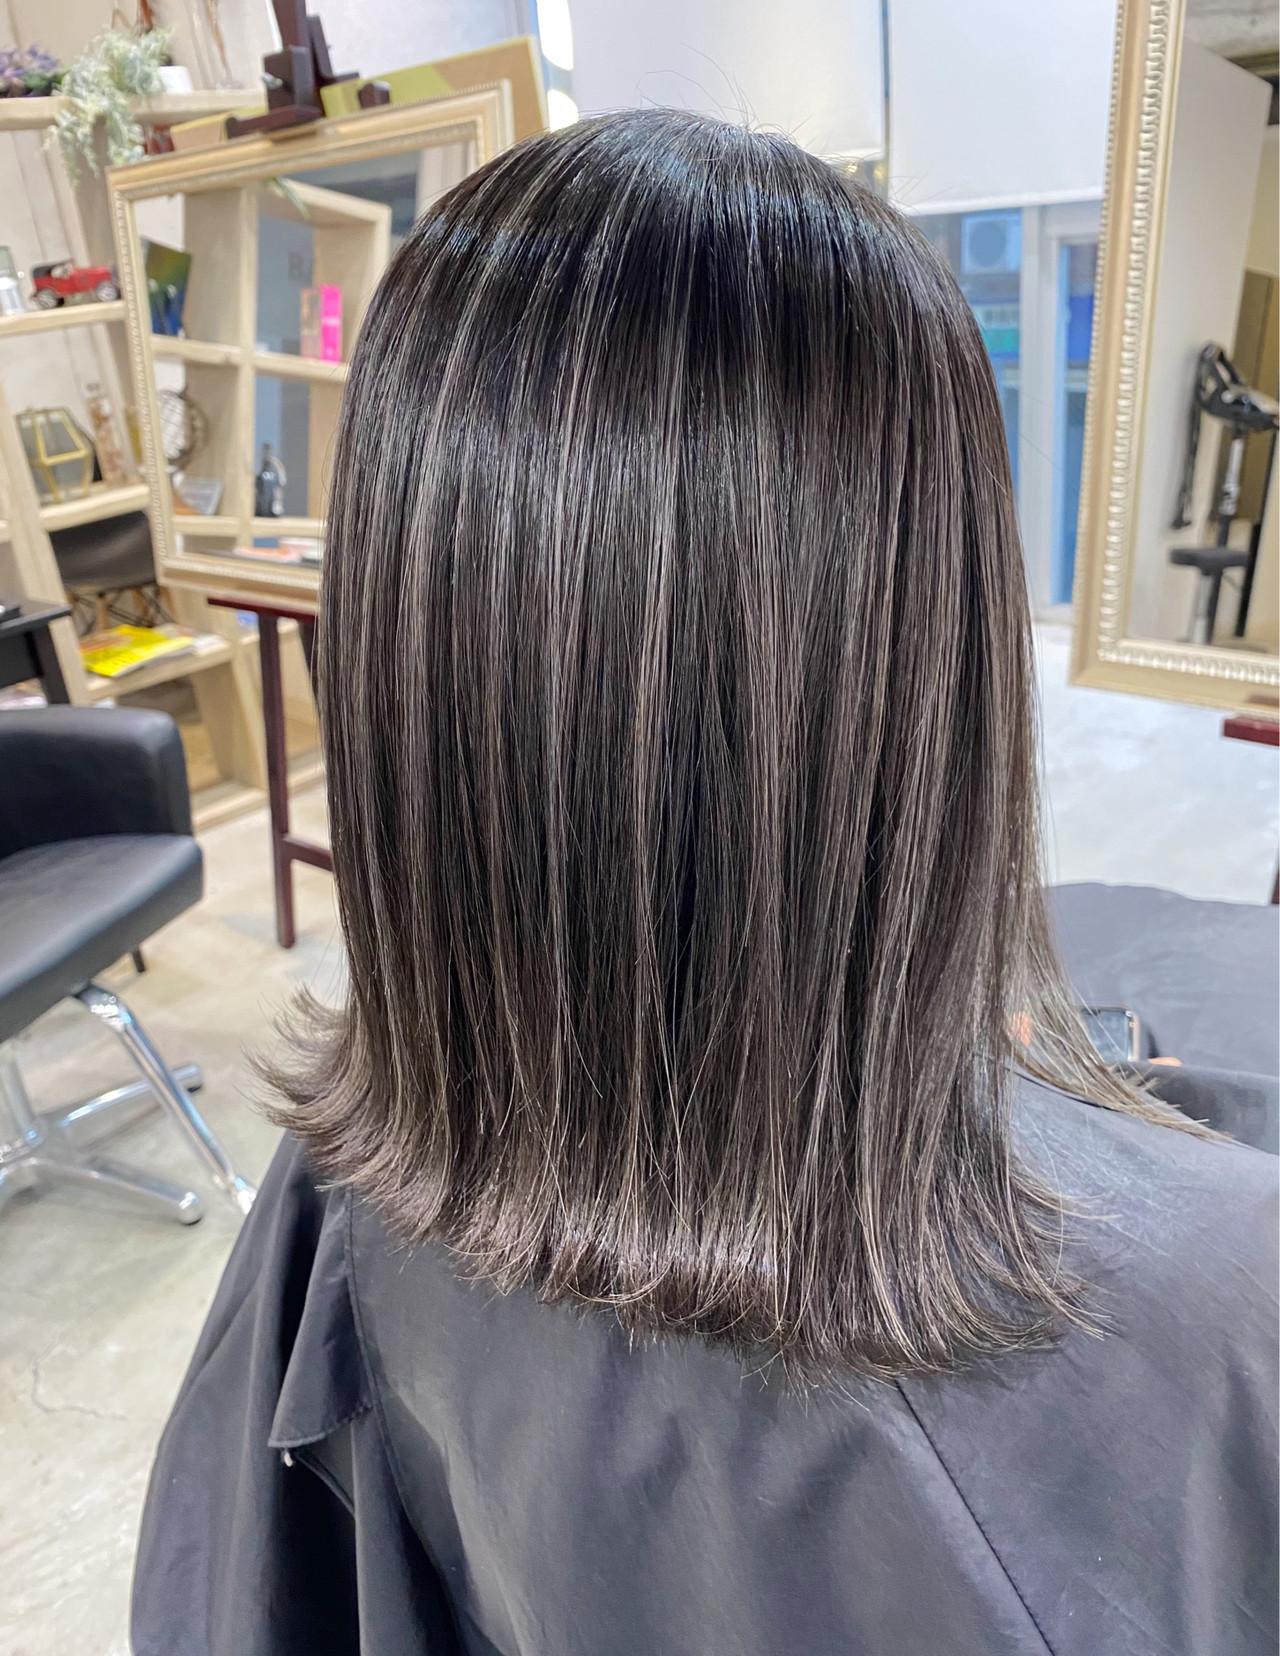 ミニボブ ハイライト 極細ハイライト ボブ ヘアスタイルや髪型の写真・画像 | 寺坂 雄飛 / banks hair